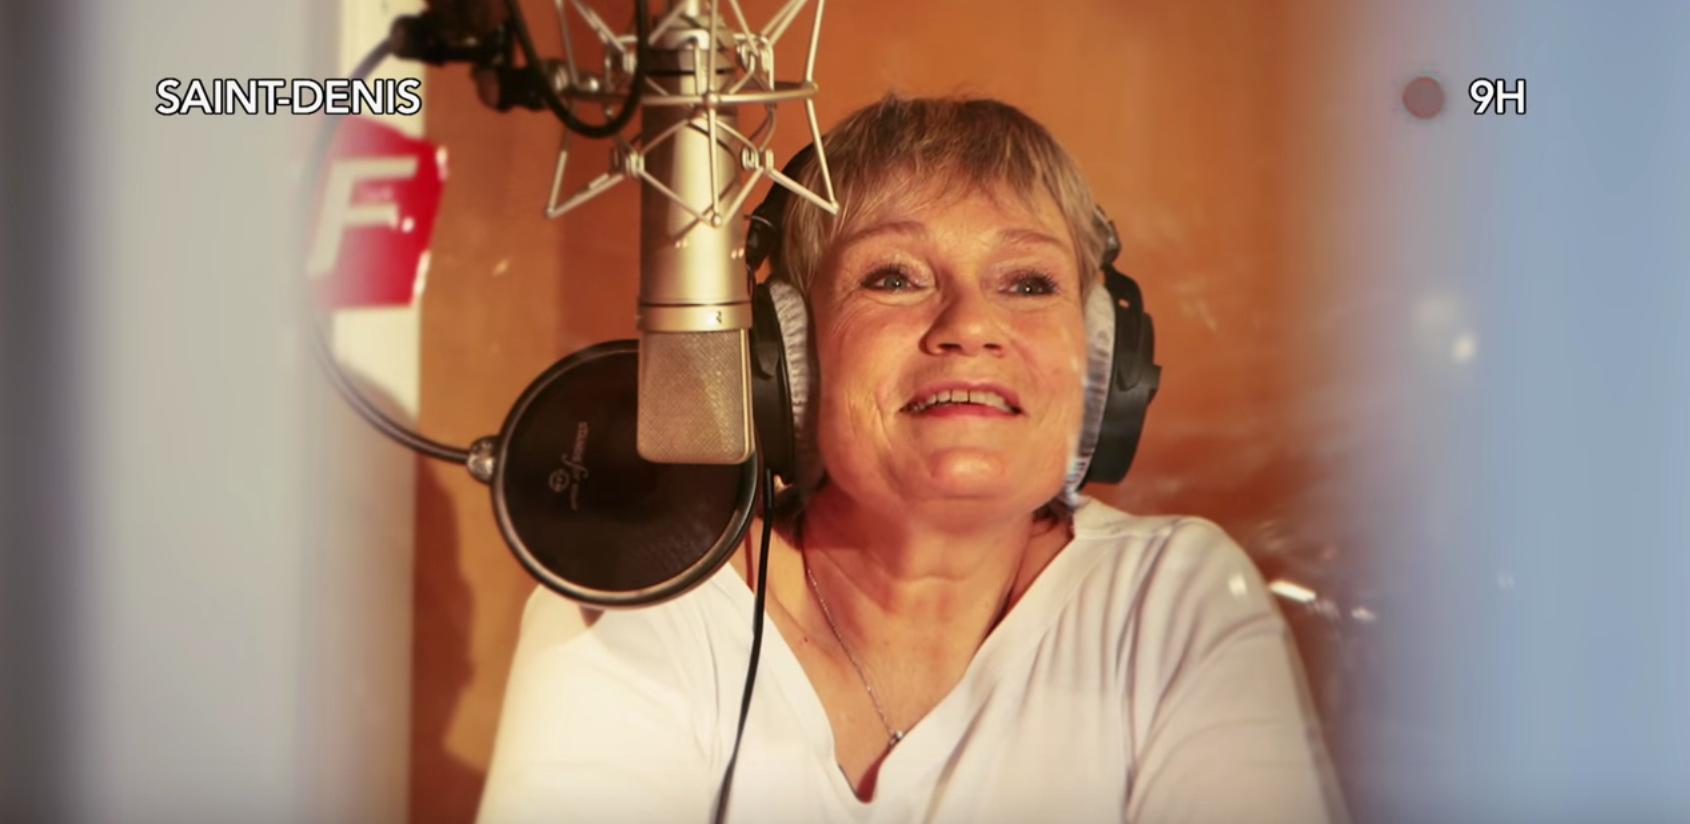 Simone Hérault est la voix de la SNCF depuis 30 ans et accompagne les voyageurs dans leurs trajets